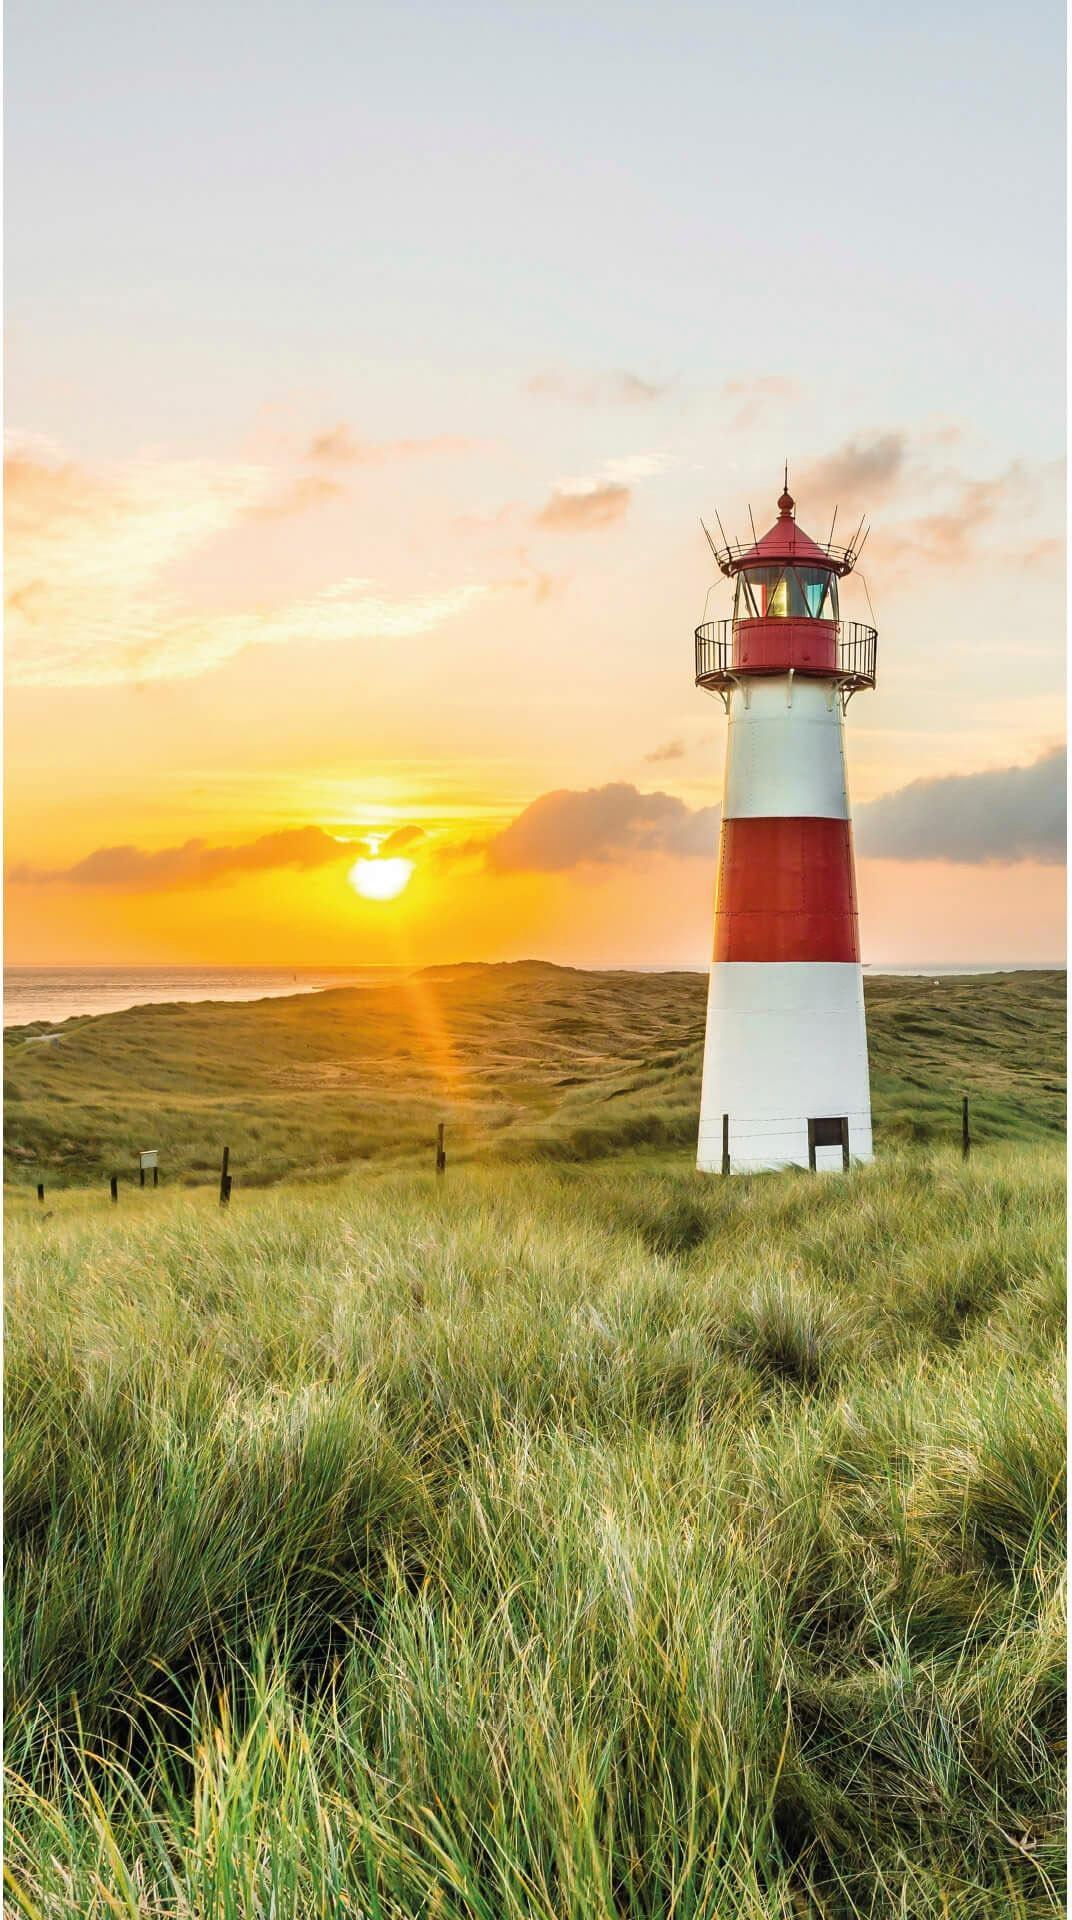 Fototapete Leuchtturm auf Sylt 144/260 cm Wohnen/Wohntextilien/Tapeten/Fototapeten/Fototapeten Natur